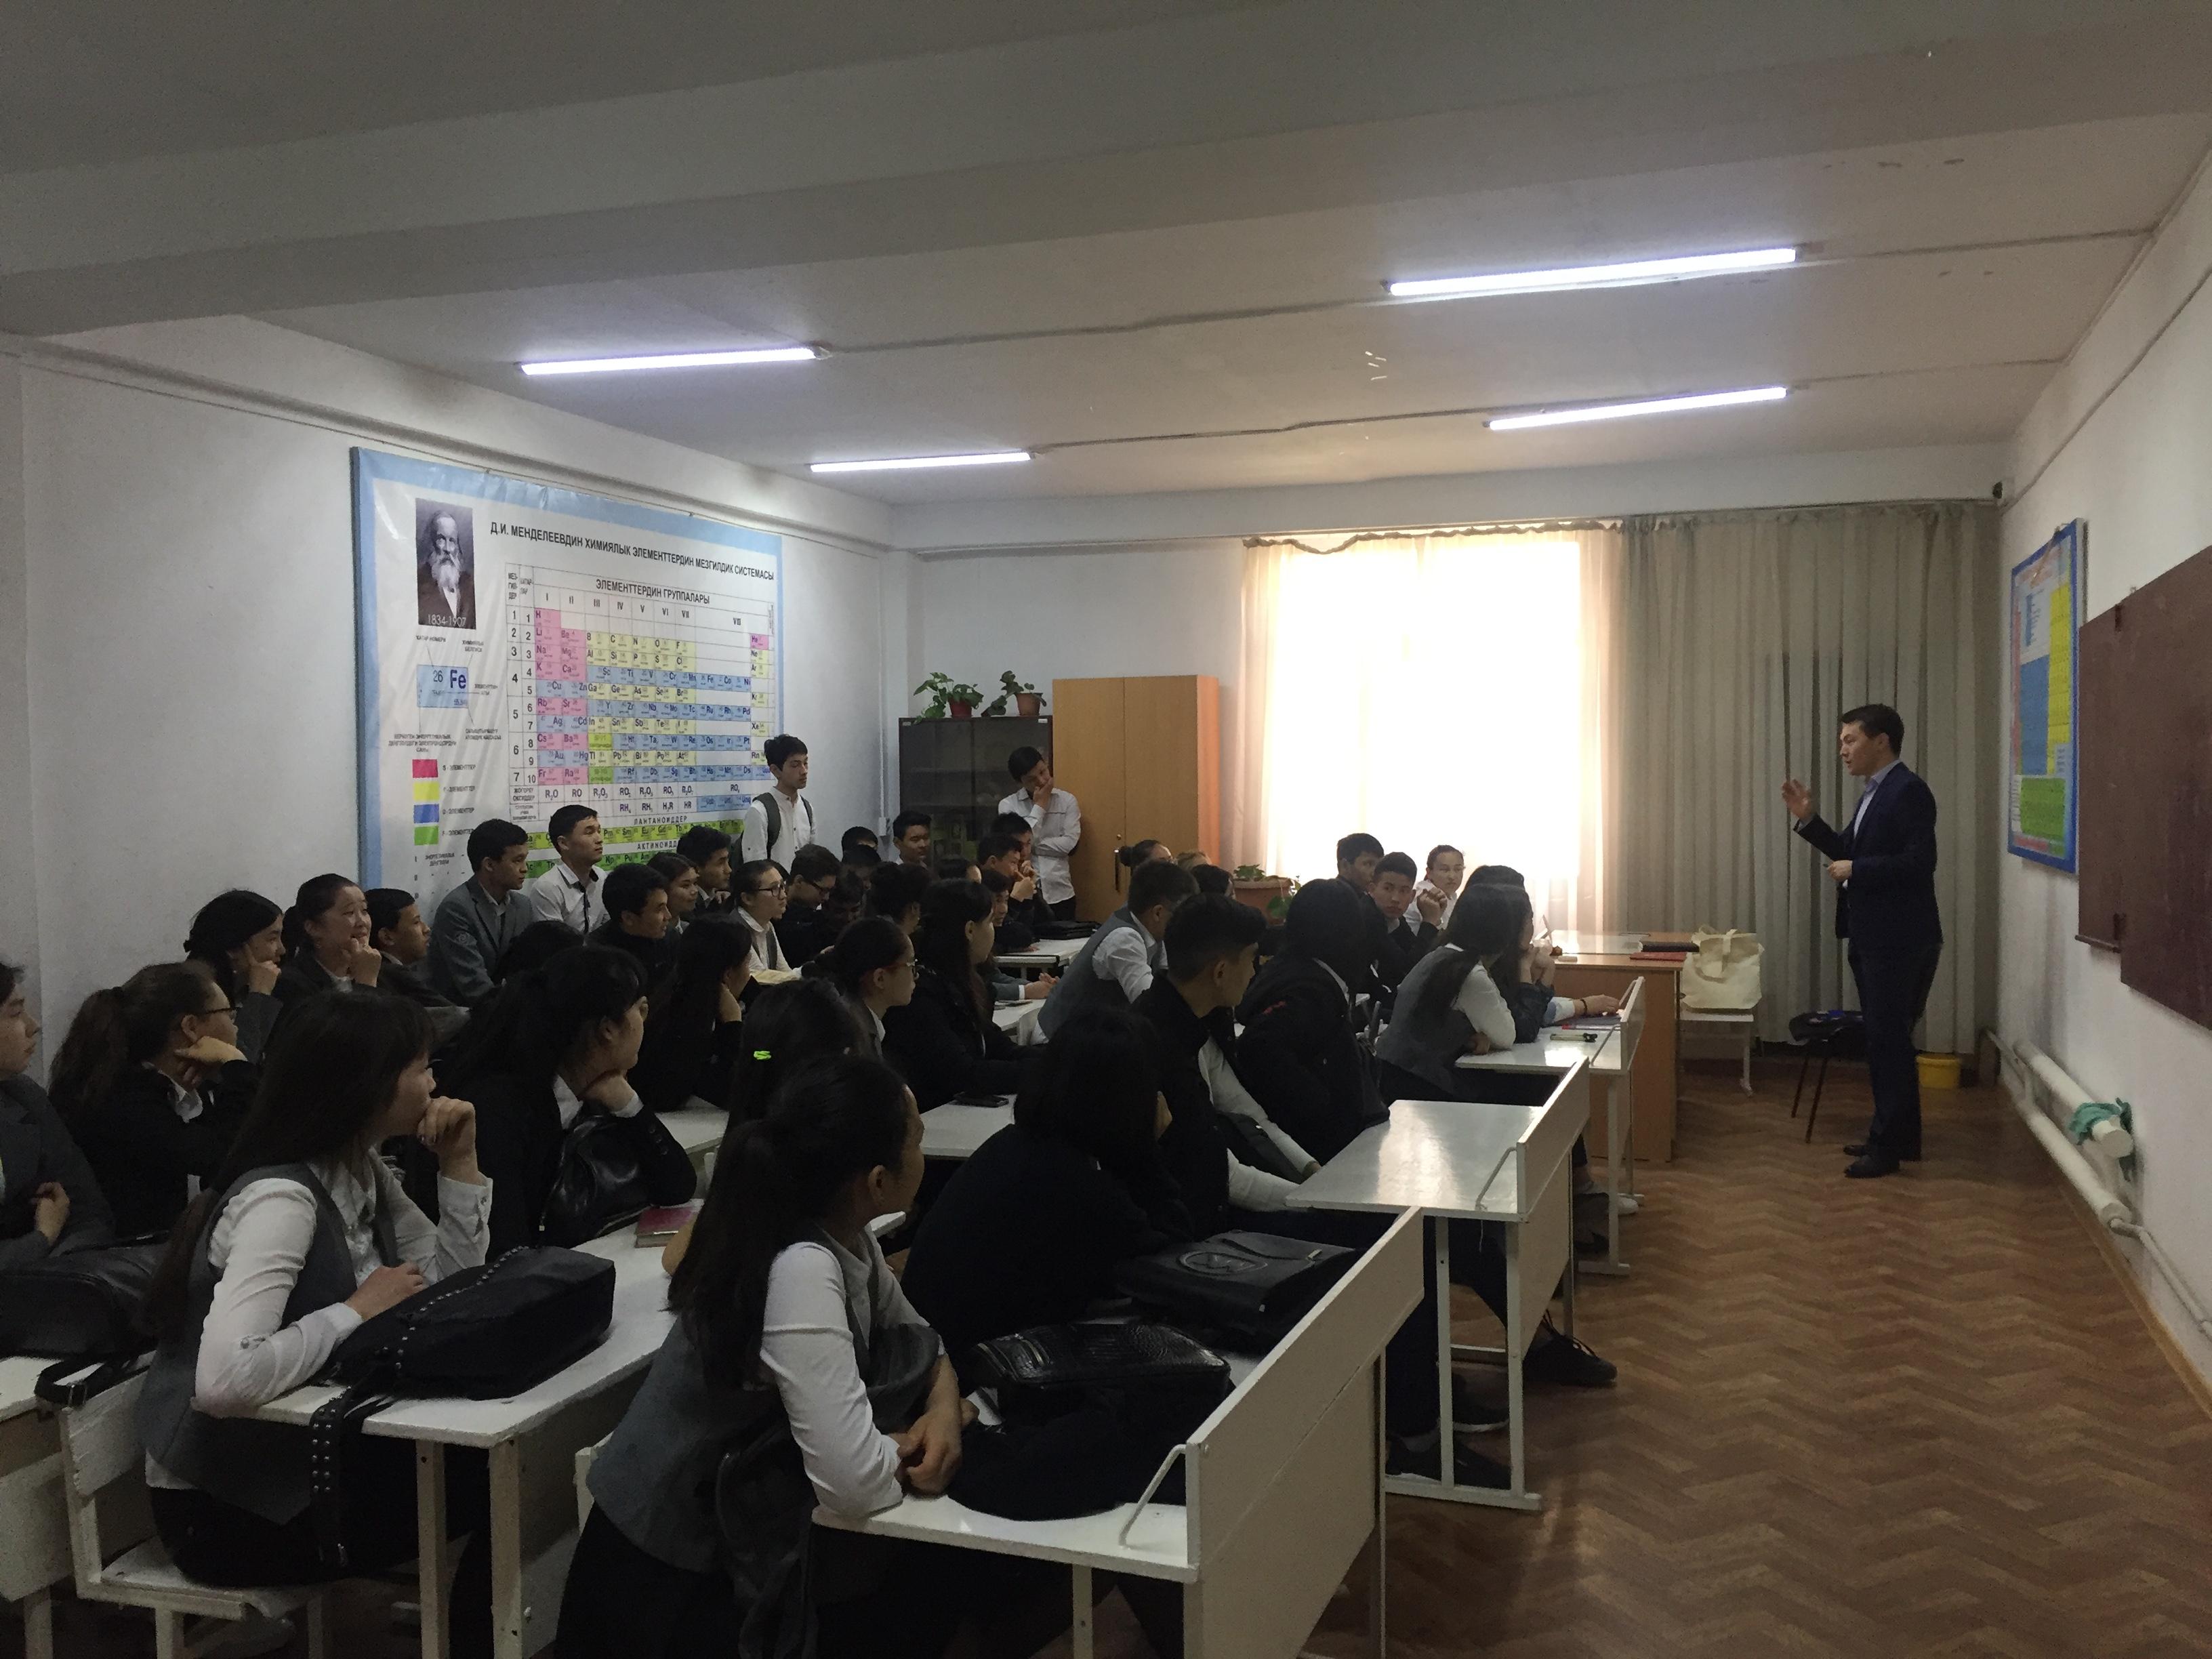 Сотрудники Центрального аппарата Министерства юстиции Кыргызской Республики прочитали лекцию на тему «Я и Конституция»